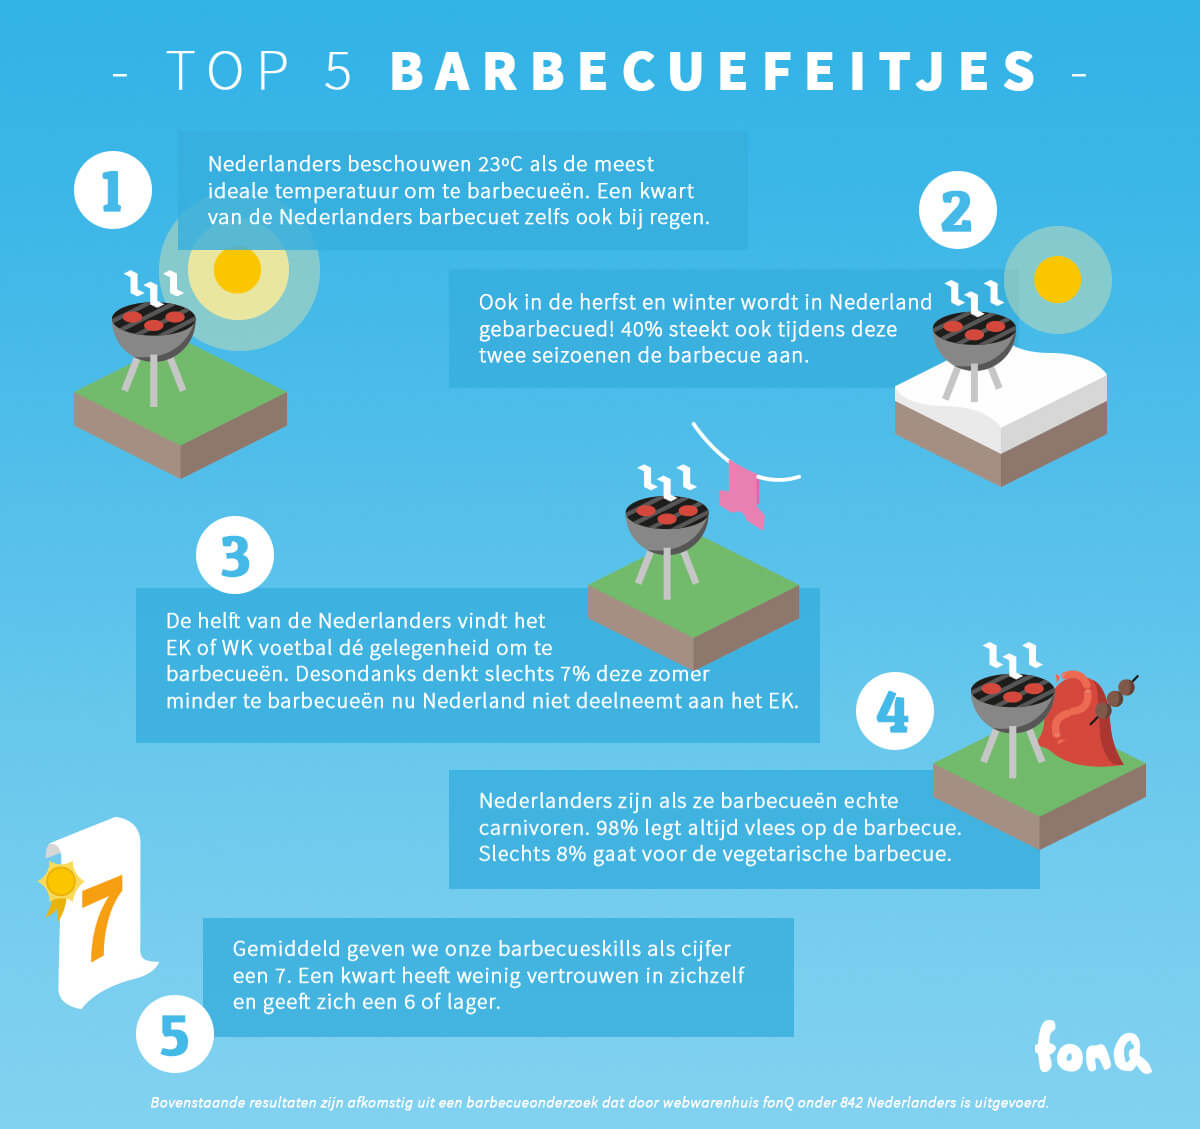 Leuke BBQ weetjes uit dit barbecueonderzoek